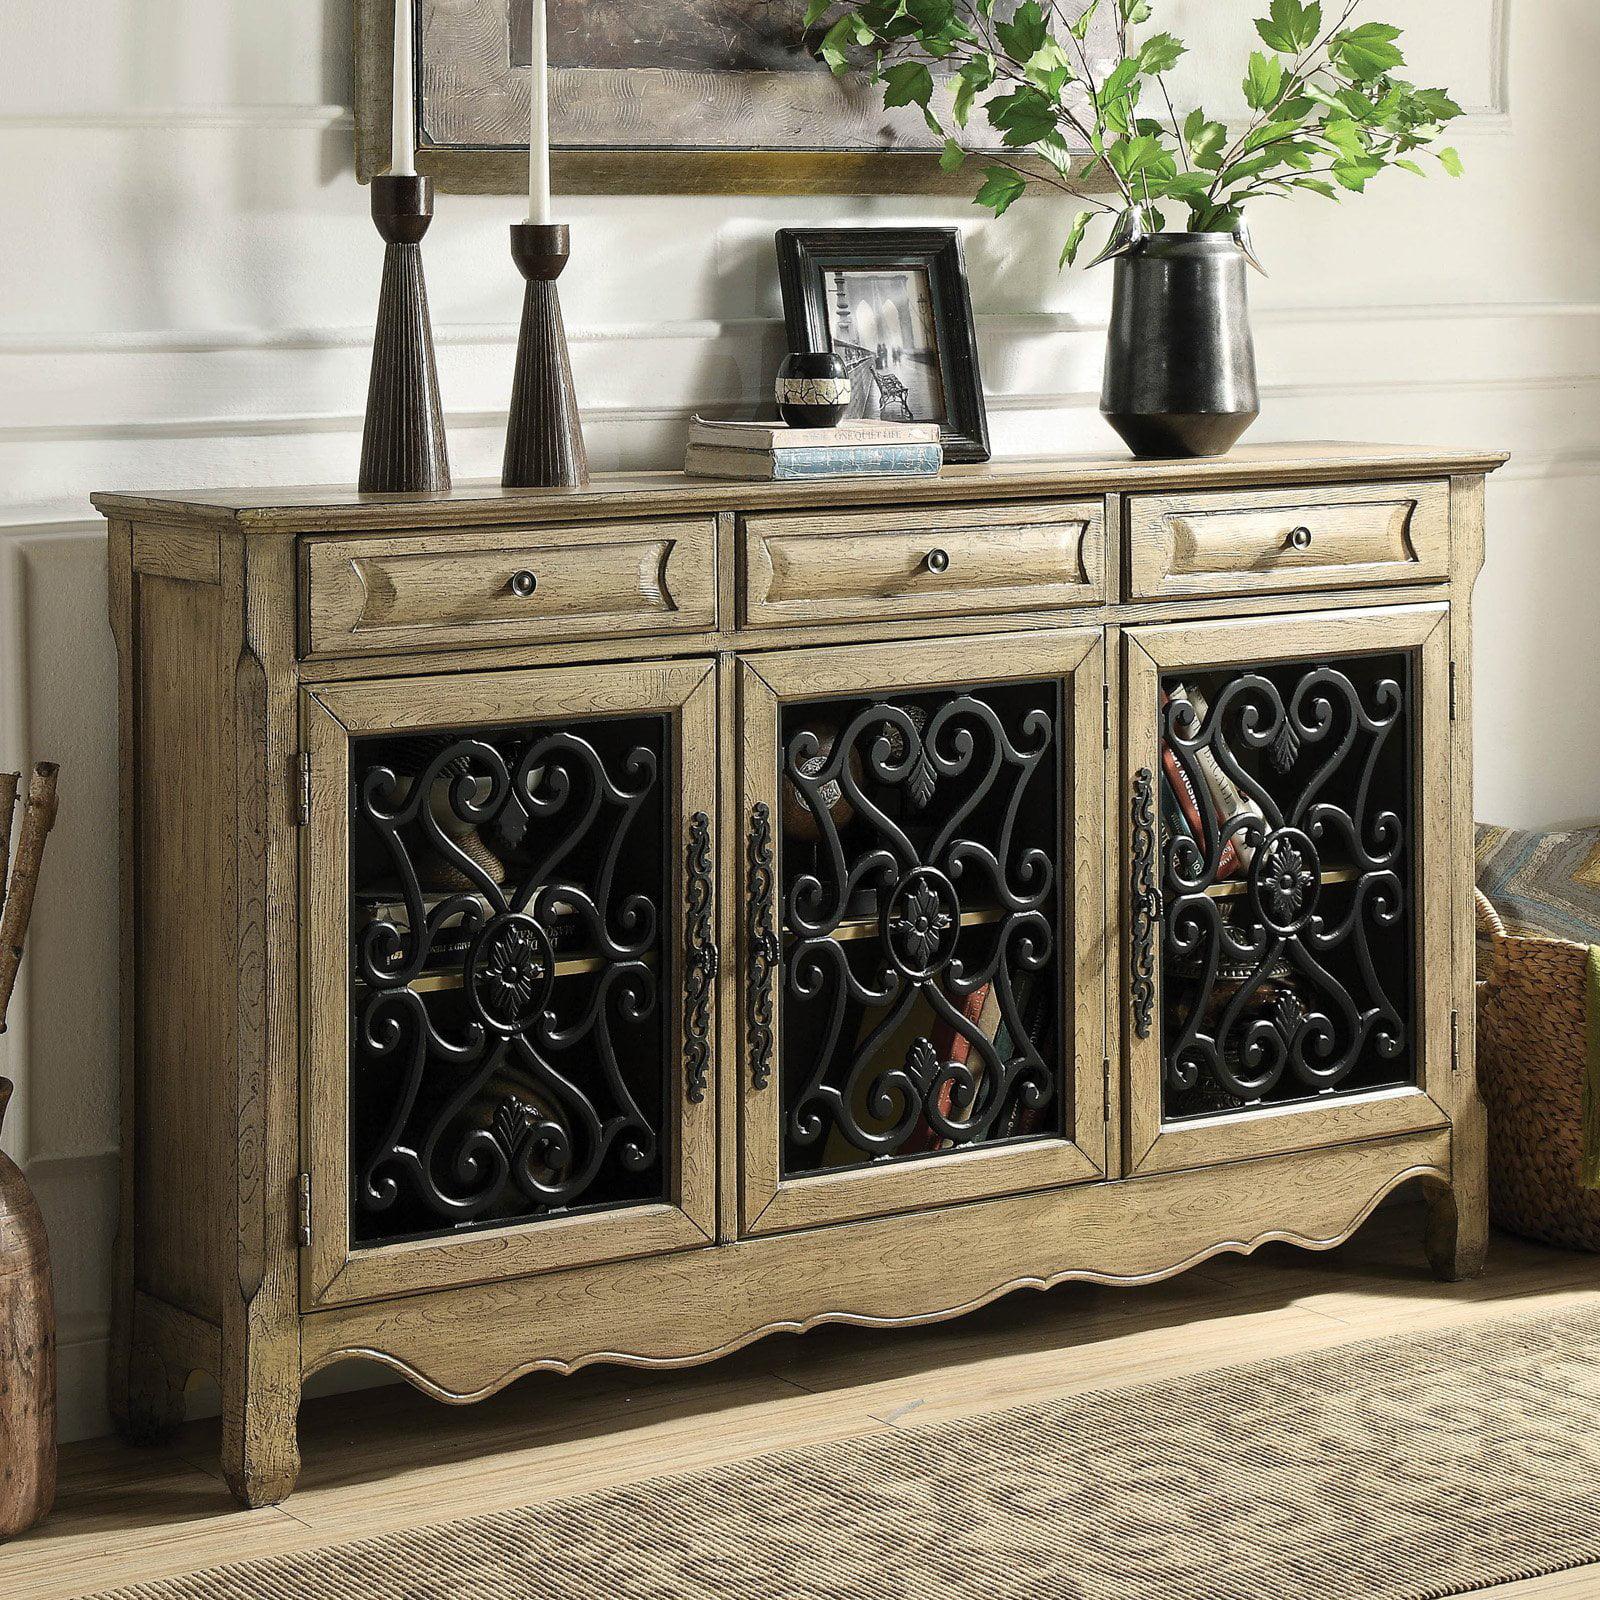 Furniture of America Verona Vintage Entryway Cabinet